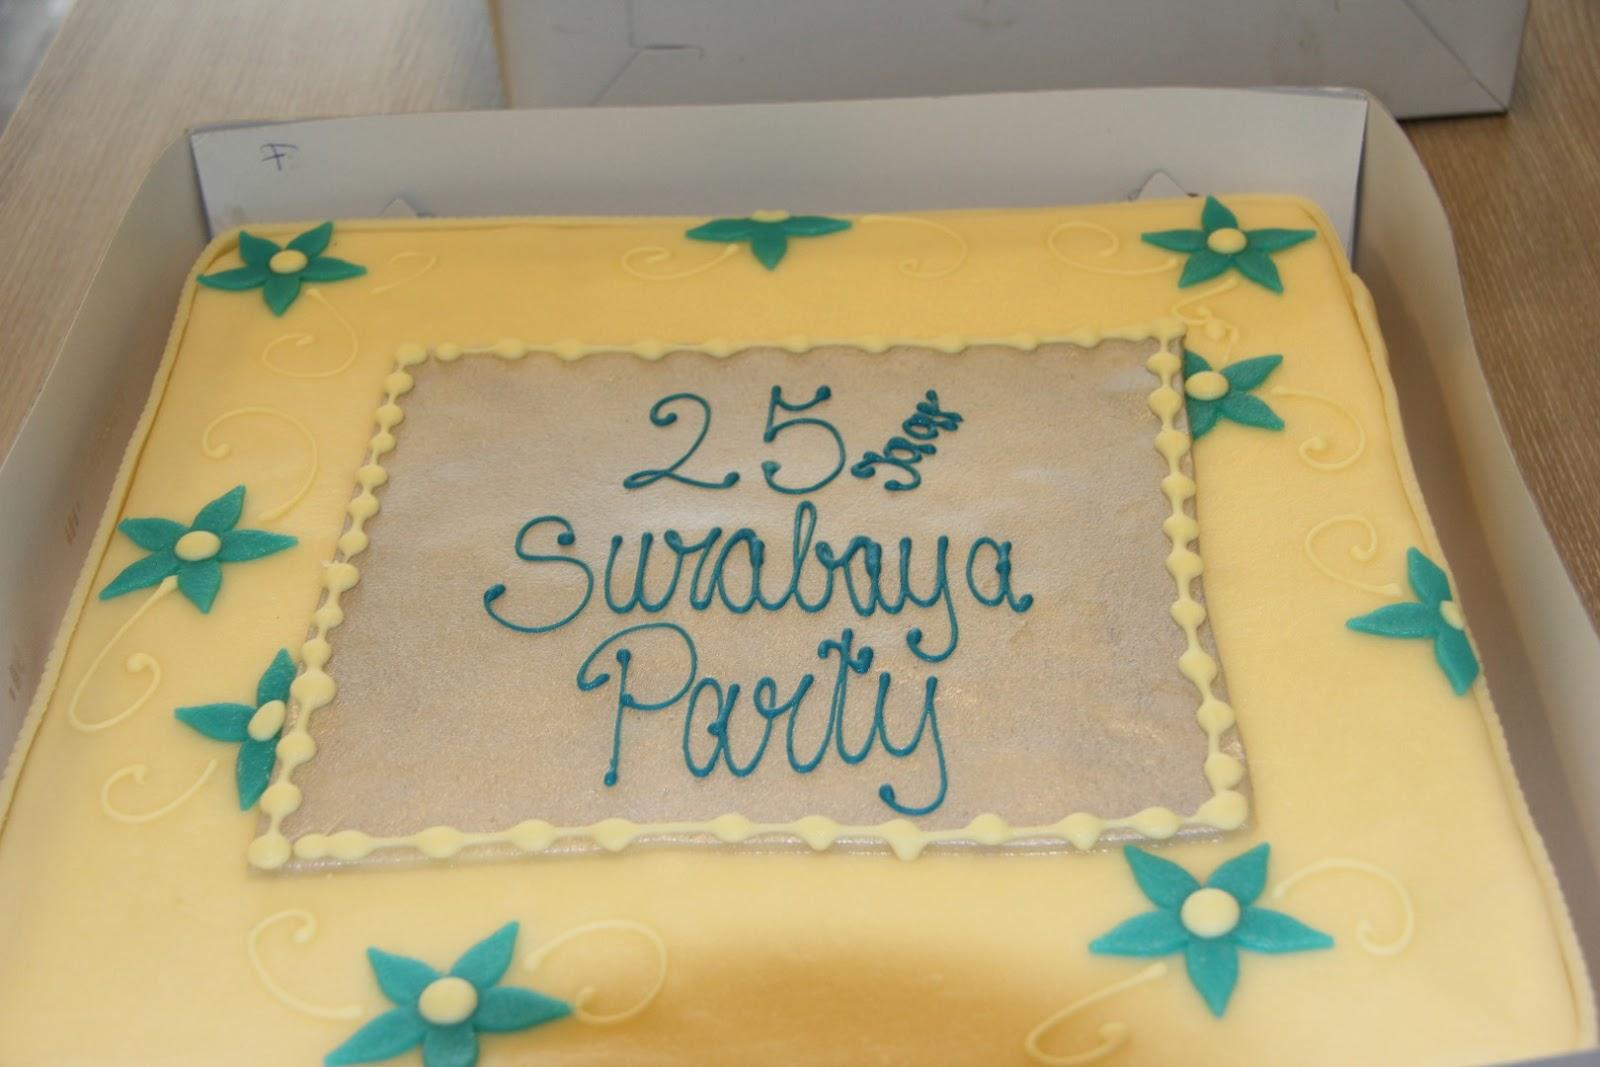 Surabayaparty 25 jaar, 22 mei 2016  (Foto's van Ando Siegers)